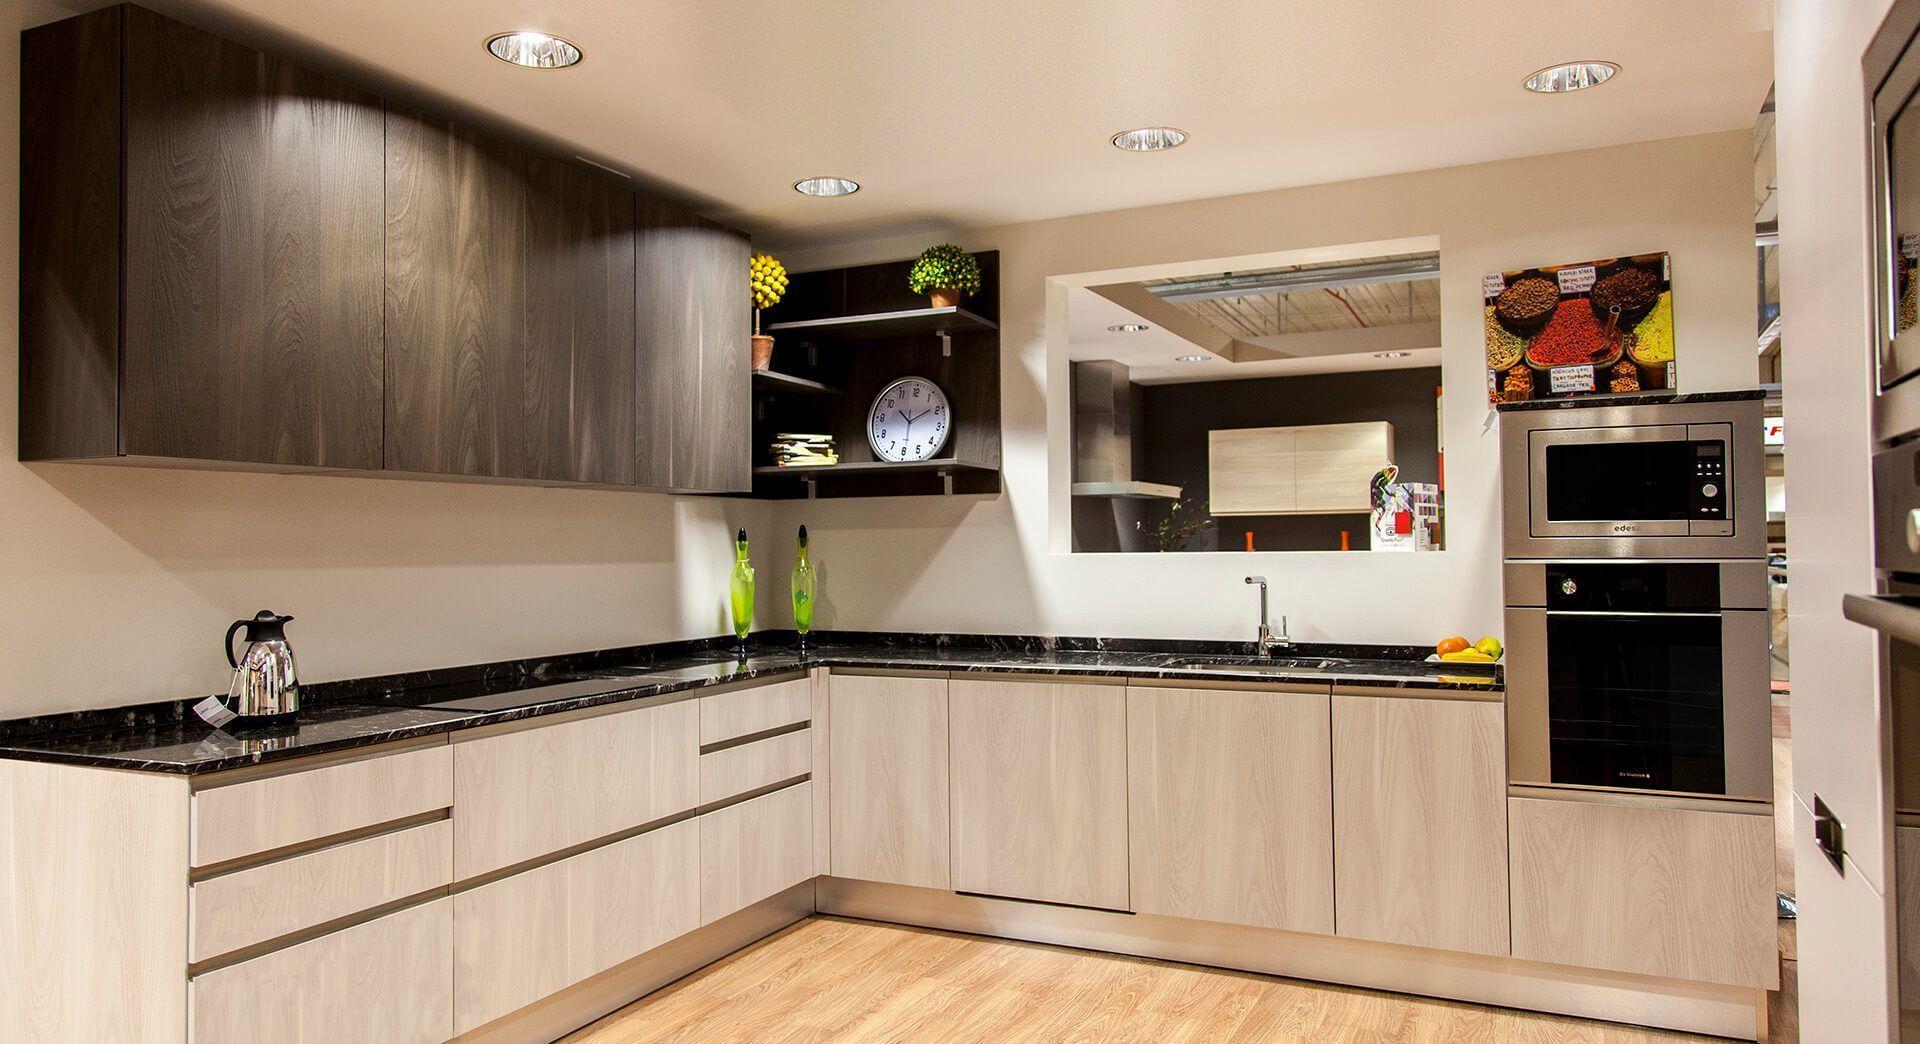 Fabricantes de Muebles de cocina Madrid  Catalogo muebles